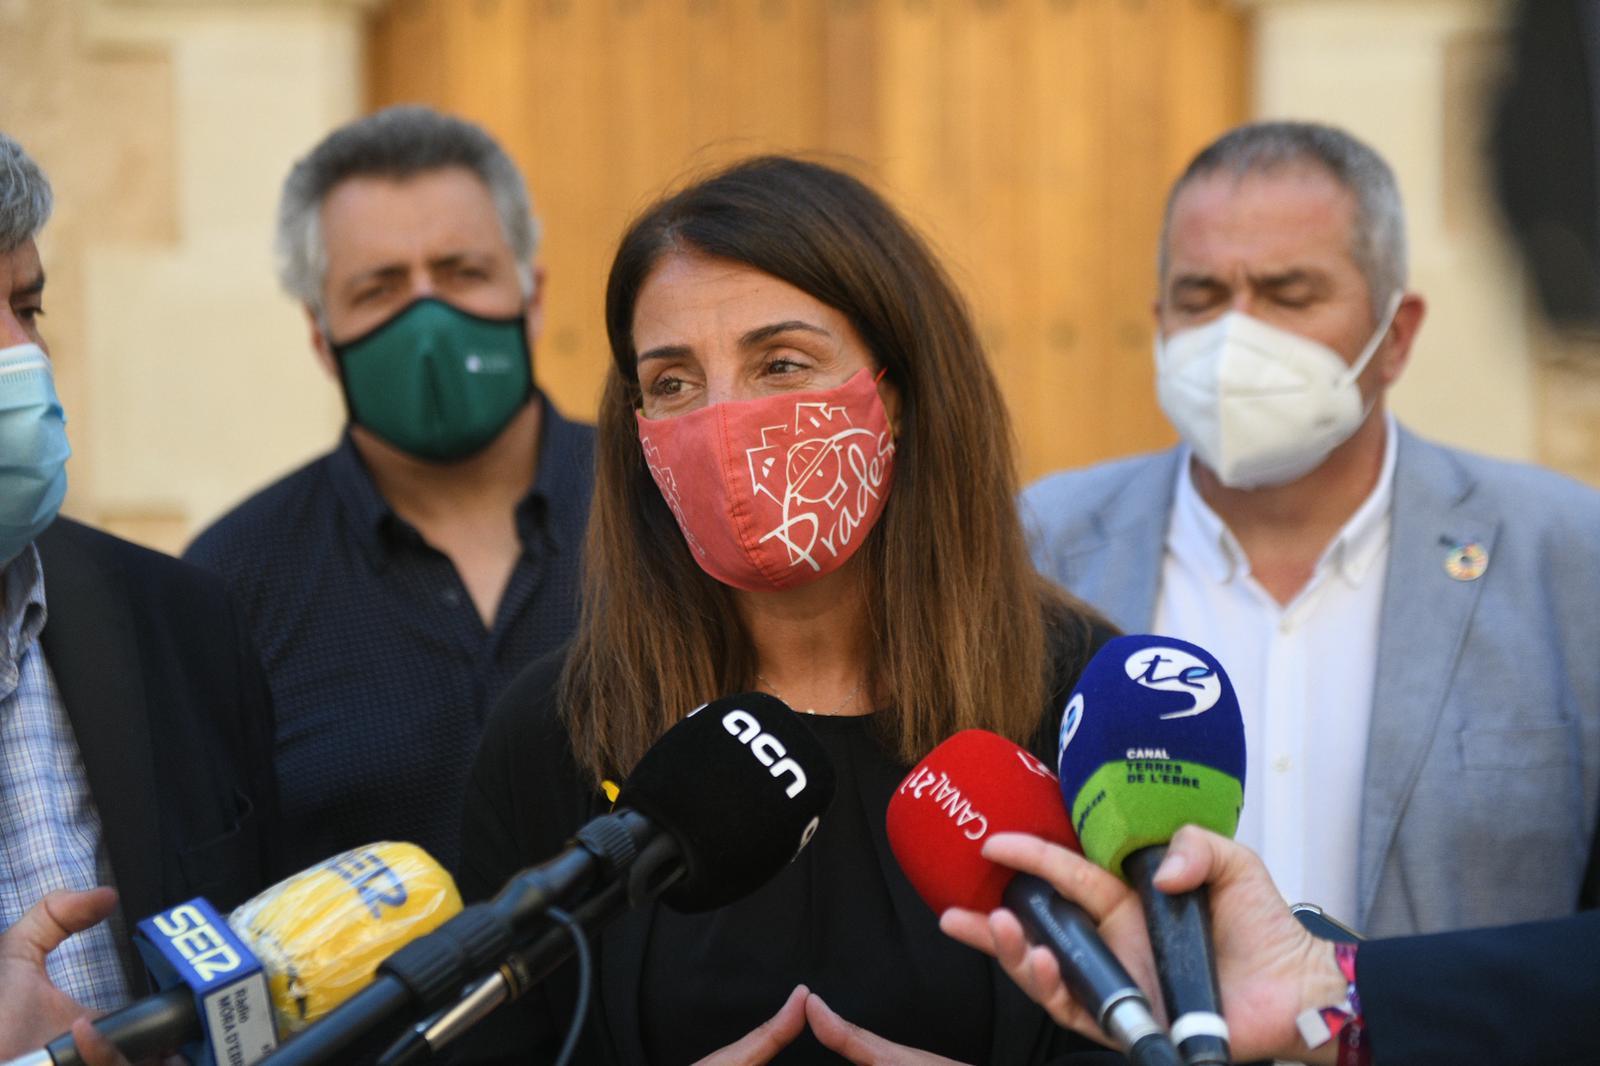 La consellera Budó durant l'atenció als mitjans (Foto: Julio Díaz)